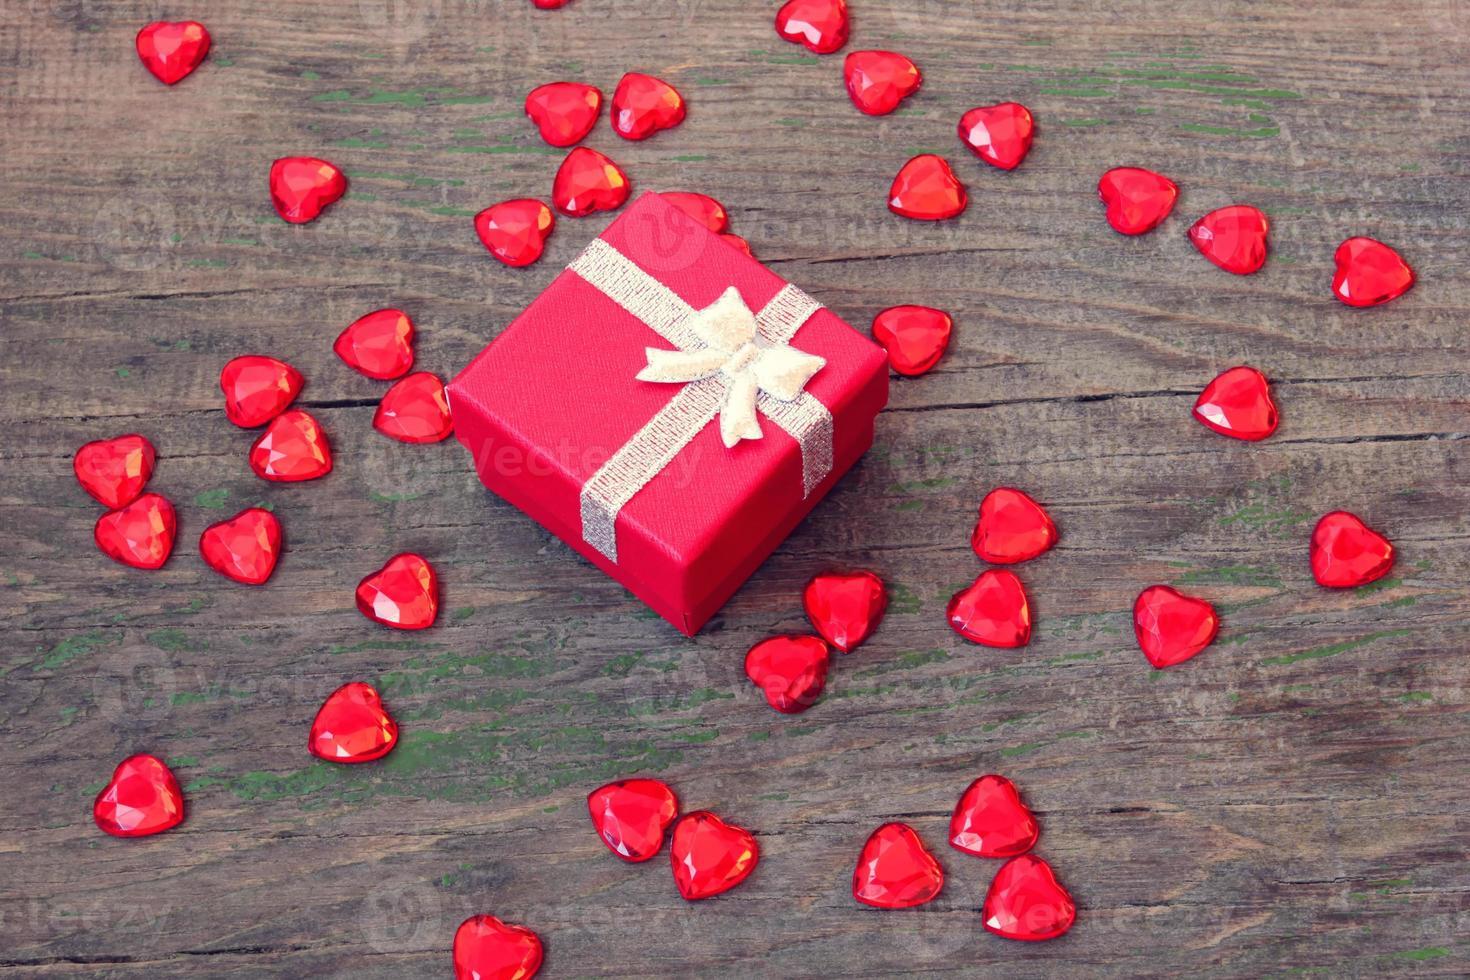 boîte rouge avec un cadeau le jour de la saint valentin photo